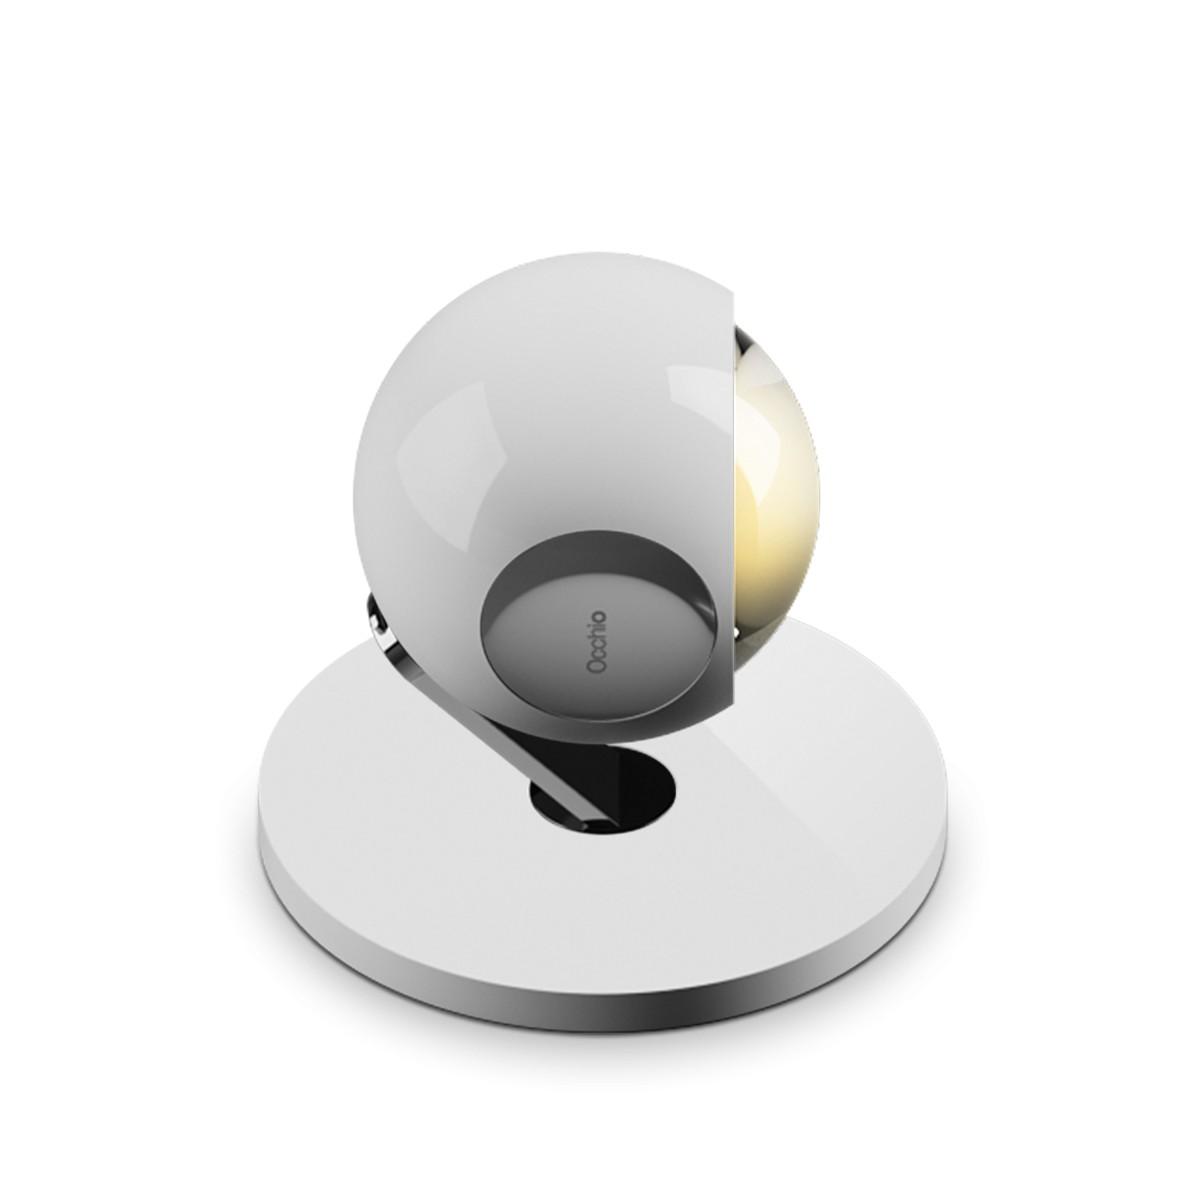 Occhio io 3d basso C Boden- / Tischleuchte, 2700 K, weiß glänzend, pads und body Chrom